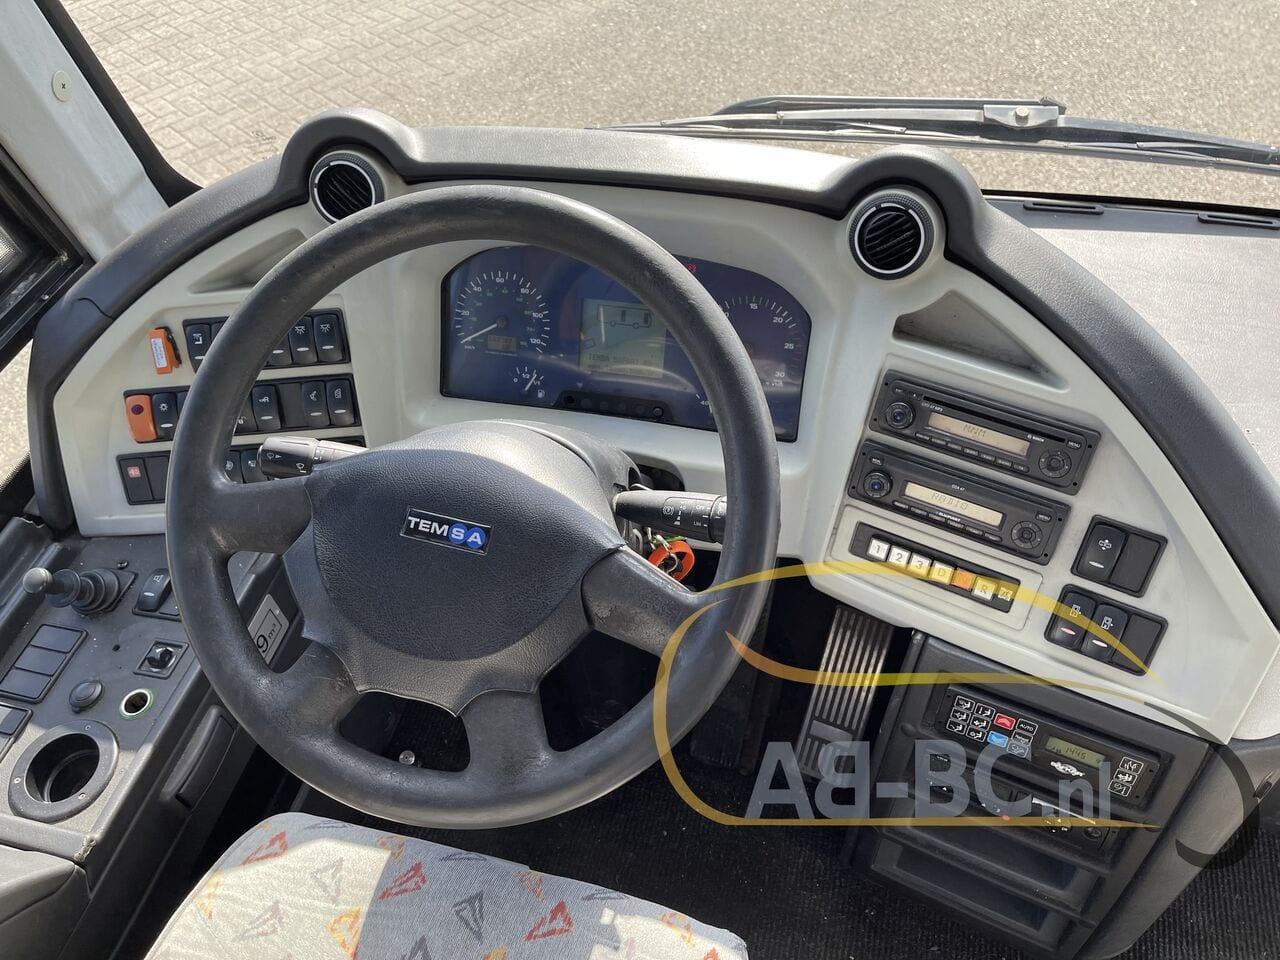 coach-busTEMSA-Safari-RD-53-Seats-DAF-Motor-12-mtr---1616166736996958420_big_1227e138f8474998d092633425924f28--21031917053743807500